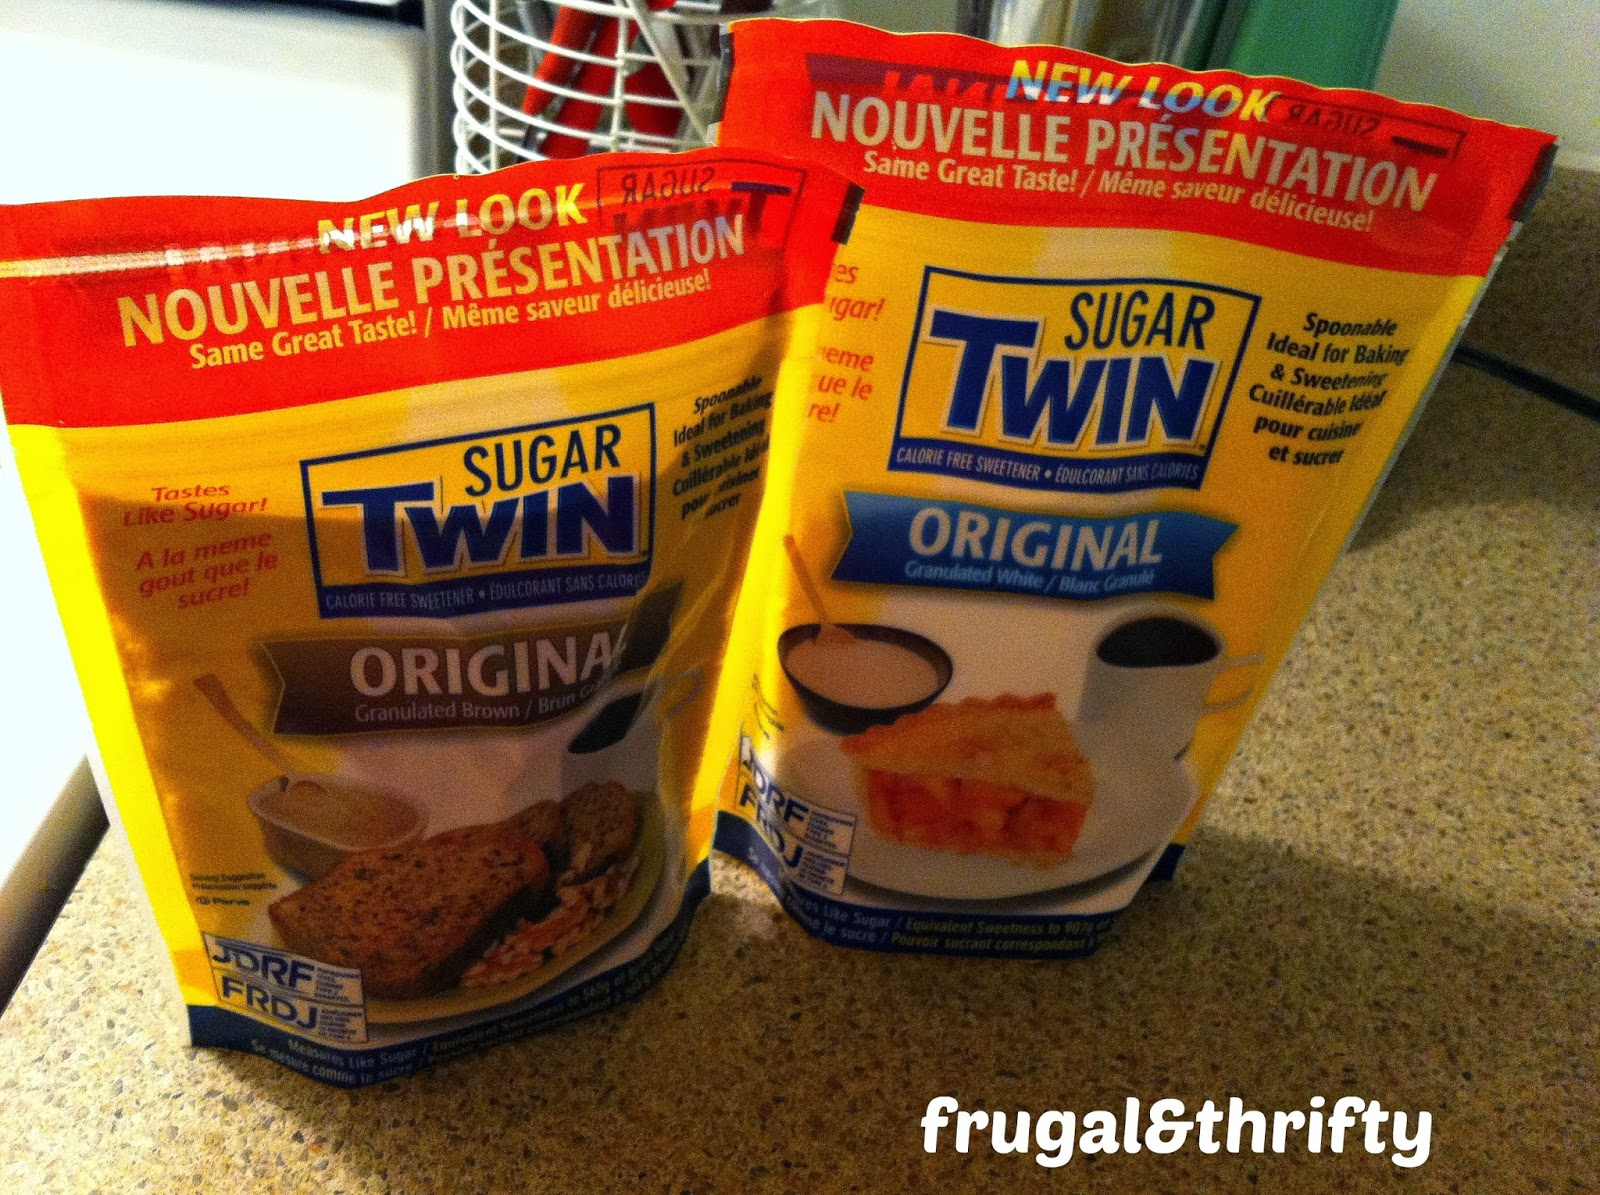 Frugal Thrifty Sugar Free Diabetic Cookies